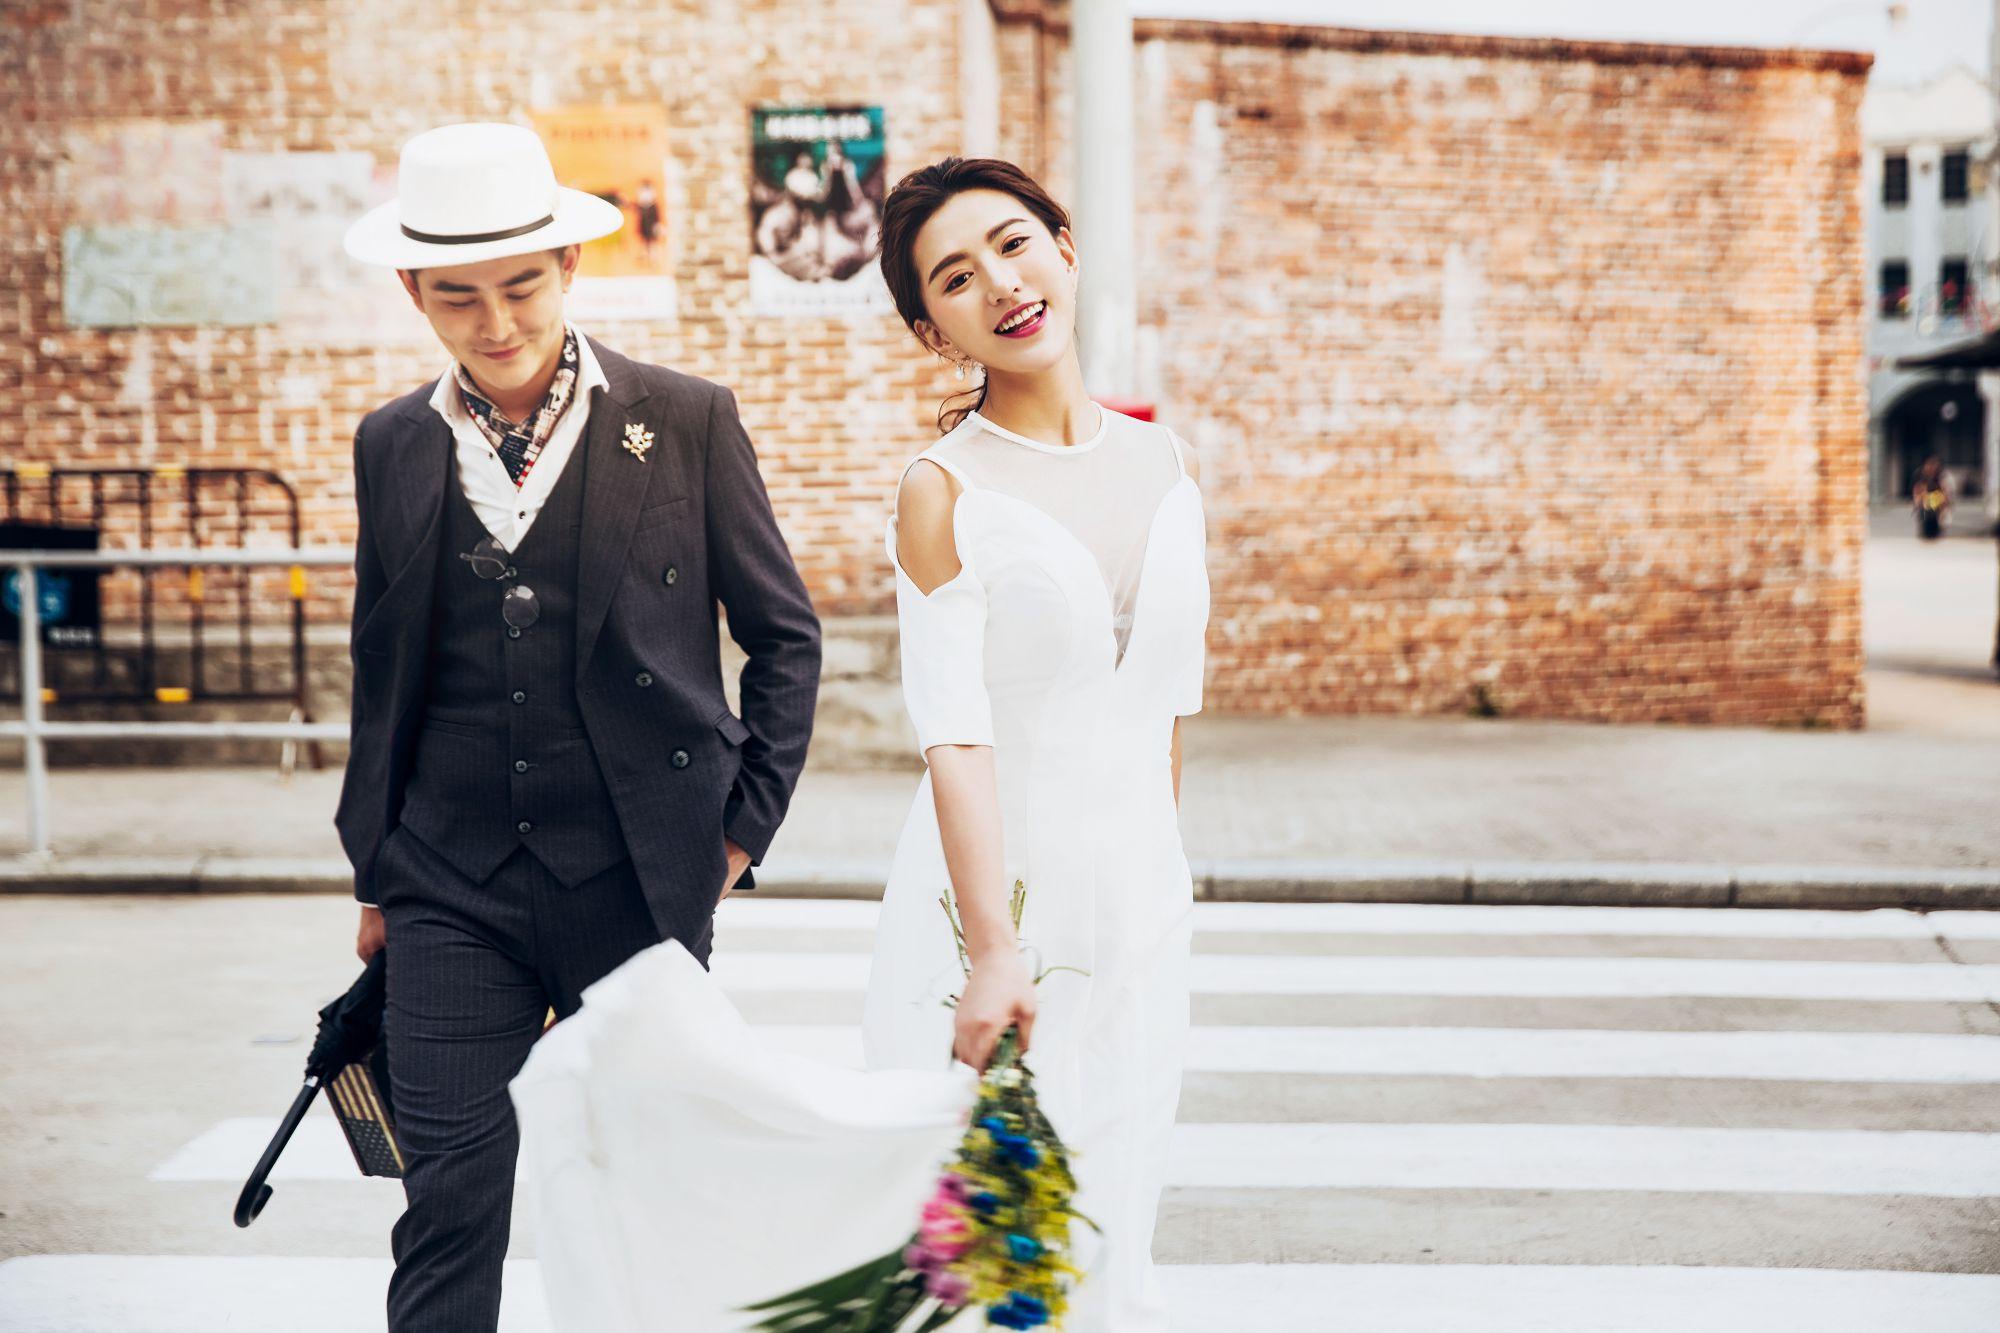 婚车租赁会配司机吗?租婚车要注意哪些事情?